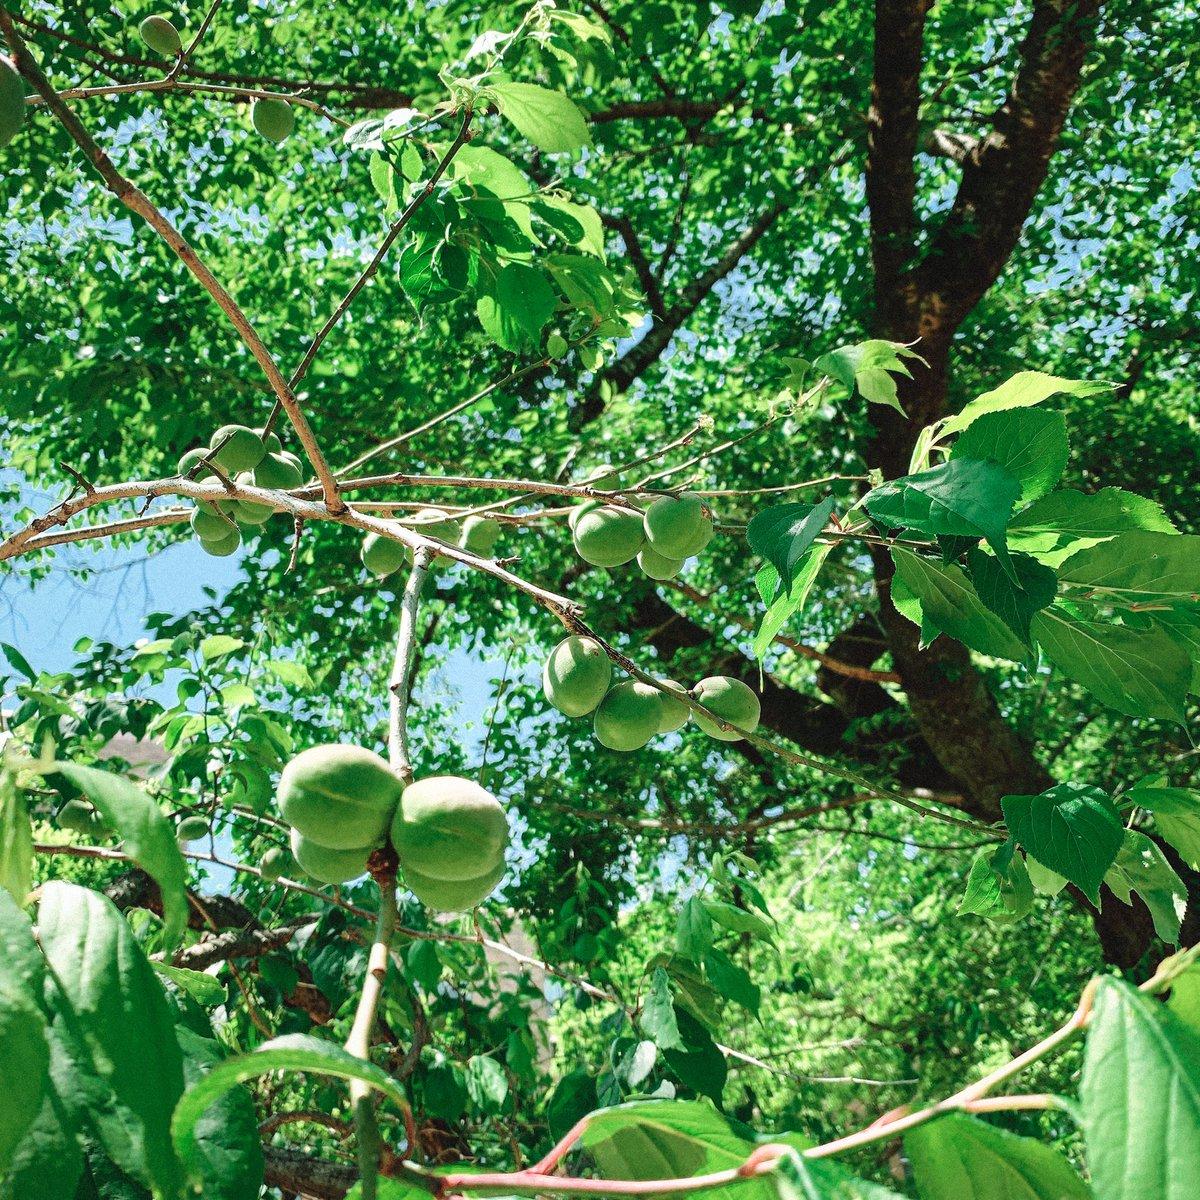 test ツイッターメディア - 梅の実が次々と膨らんできています!葉は日が照ってみずみずしく、木陰は風が心地よく...弘道館での森林浴、癒し効果抜群です🍃  #弘道館 #梅の実 #茨城 #水戸 https://t.co/moe7e9IntE